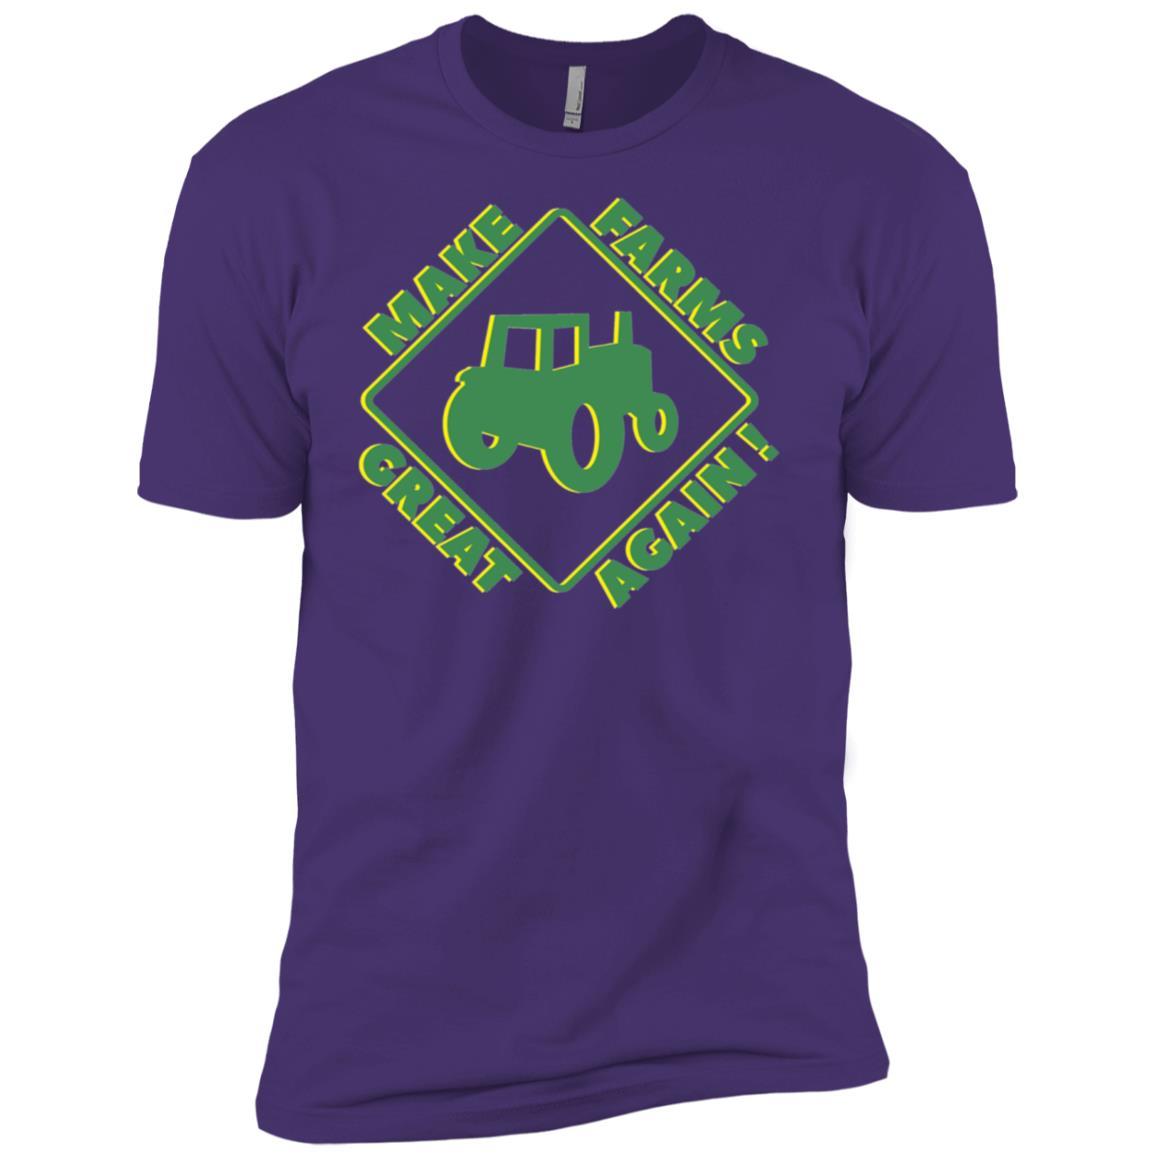 Make Our Farmers Great Again-Retro Farming -1 Men Short Sleeve T-Shirt